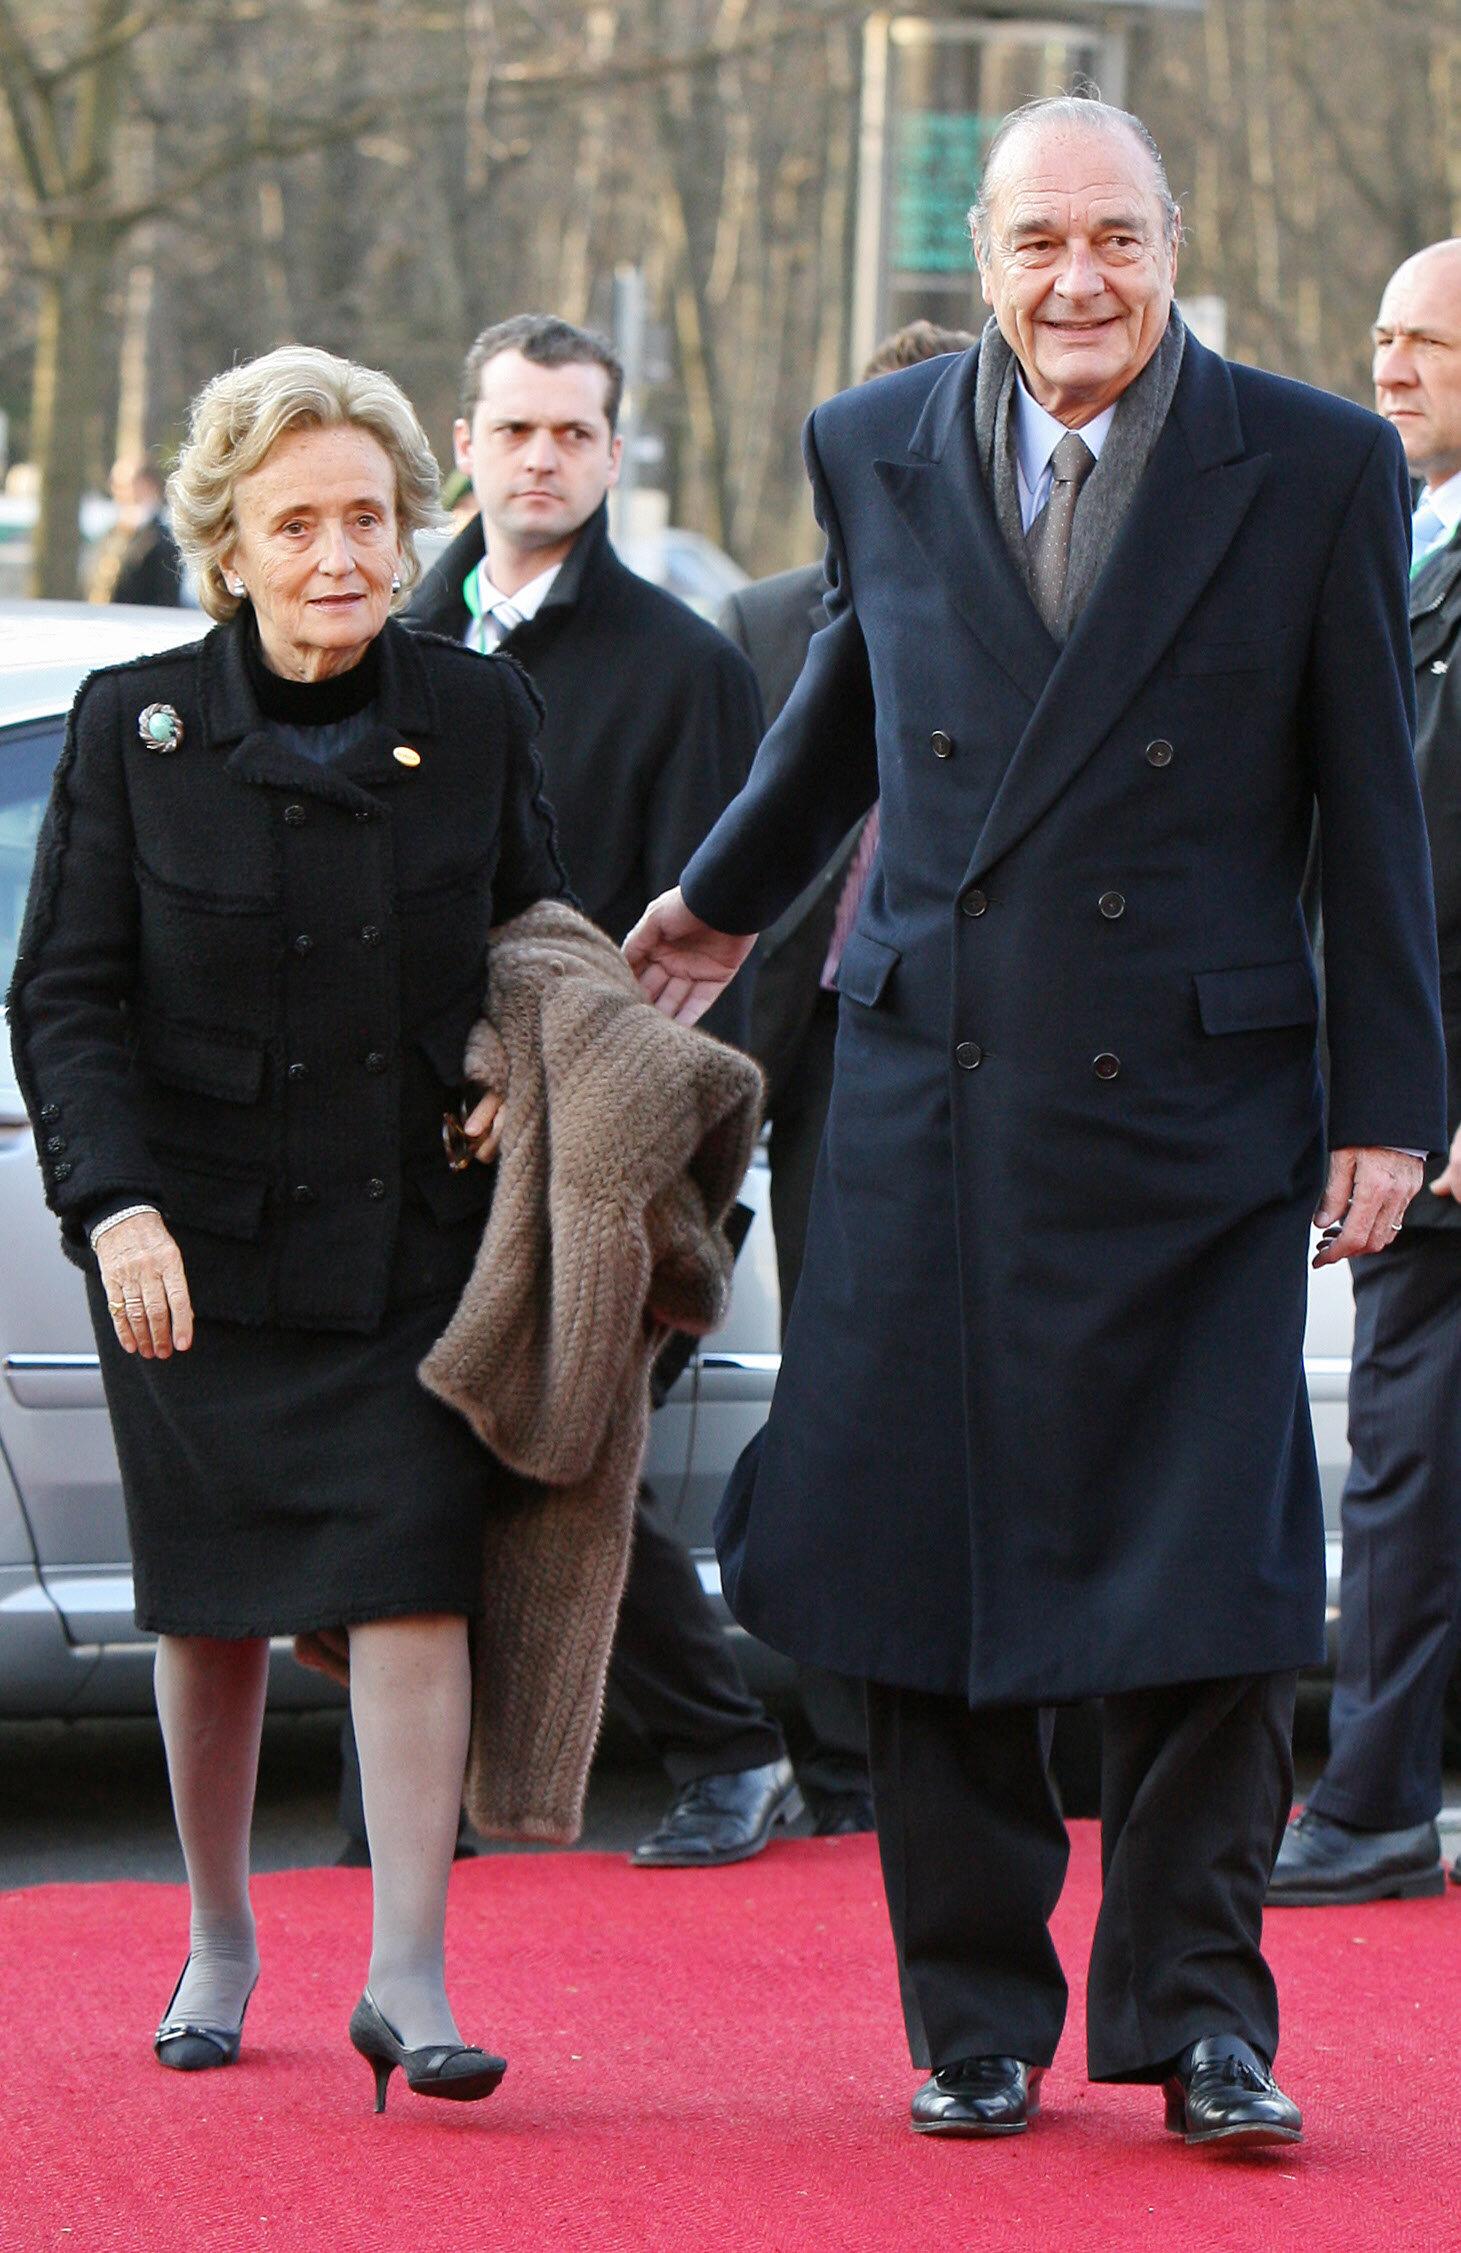 Le président Jacques Chirac et sa femme, le 24 mars 2007, se rendant à la Philarmonie de Berlin pour les célébrations du 50e anniversaire du Traité de Rome. © PATRICK KOVARIK/AFP